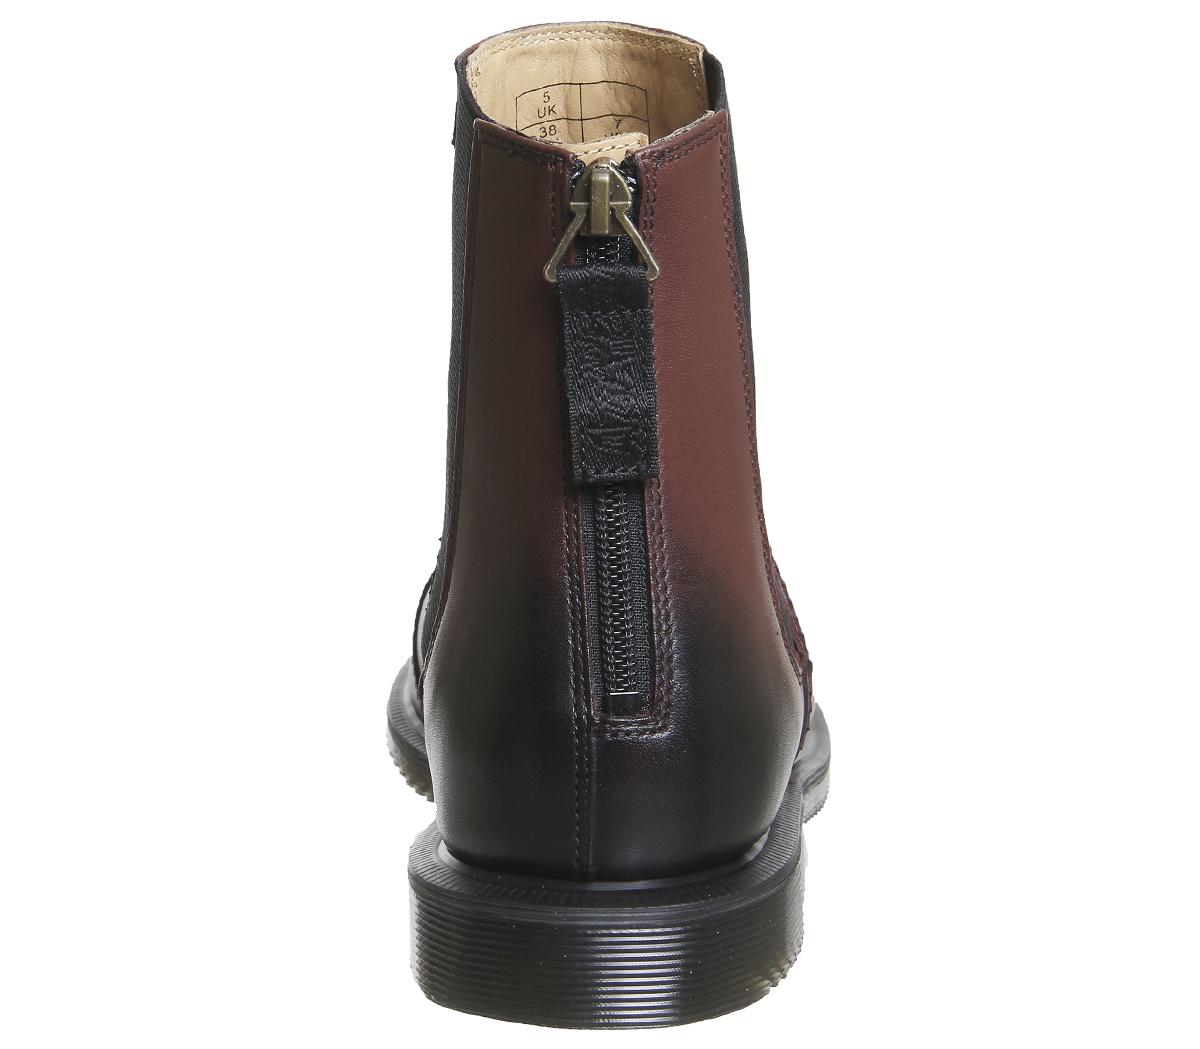 la dre martens zillow chelsea bottes cherry cherry cherry Rouge  boots bcbbc7